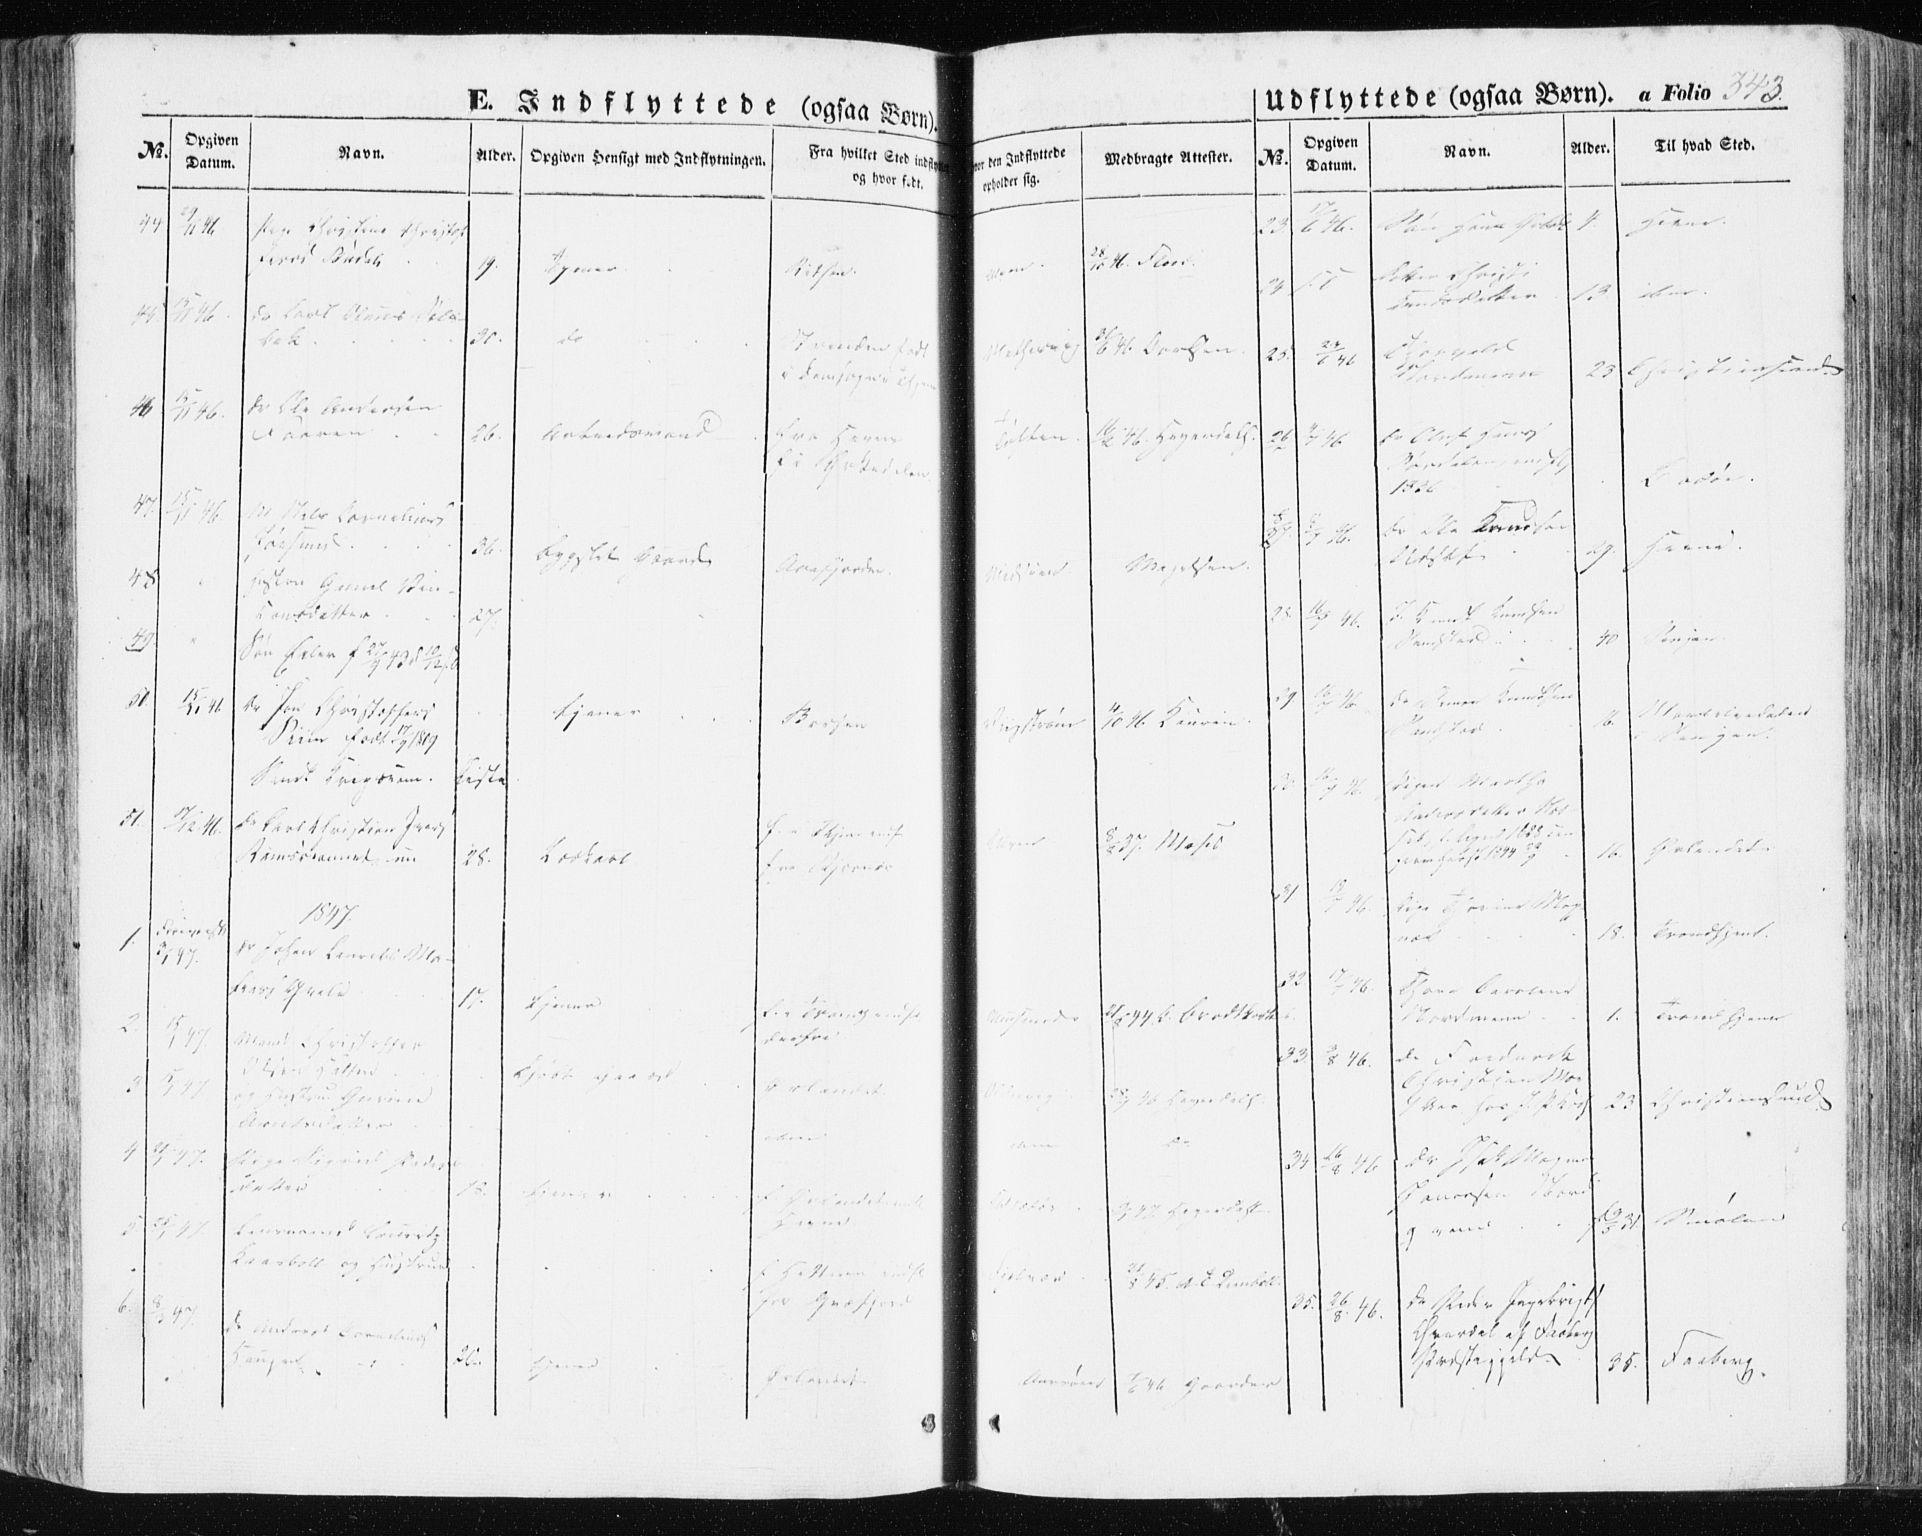 SAT, Ministerialprotokoller, klokkerbøker og fødselsregistre - Sør-Trøndelag, 634/L0529: Ministerialbok nr. 634A05, 1843-1851, s. 343